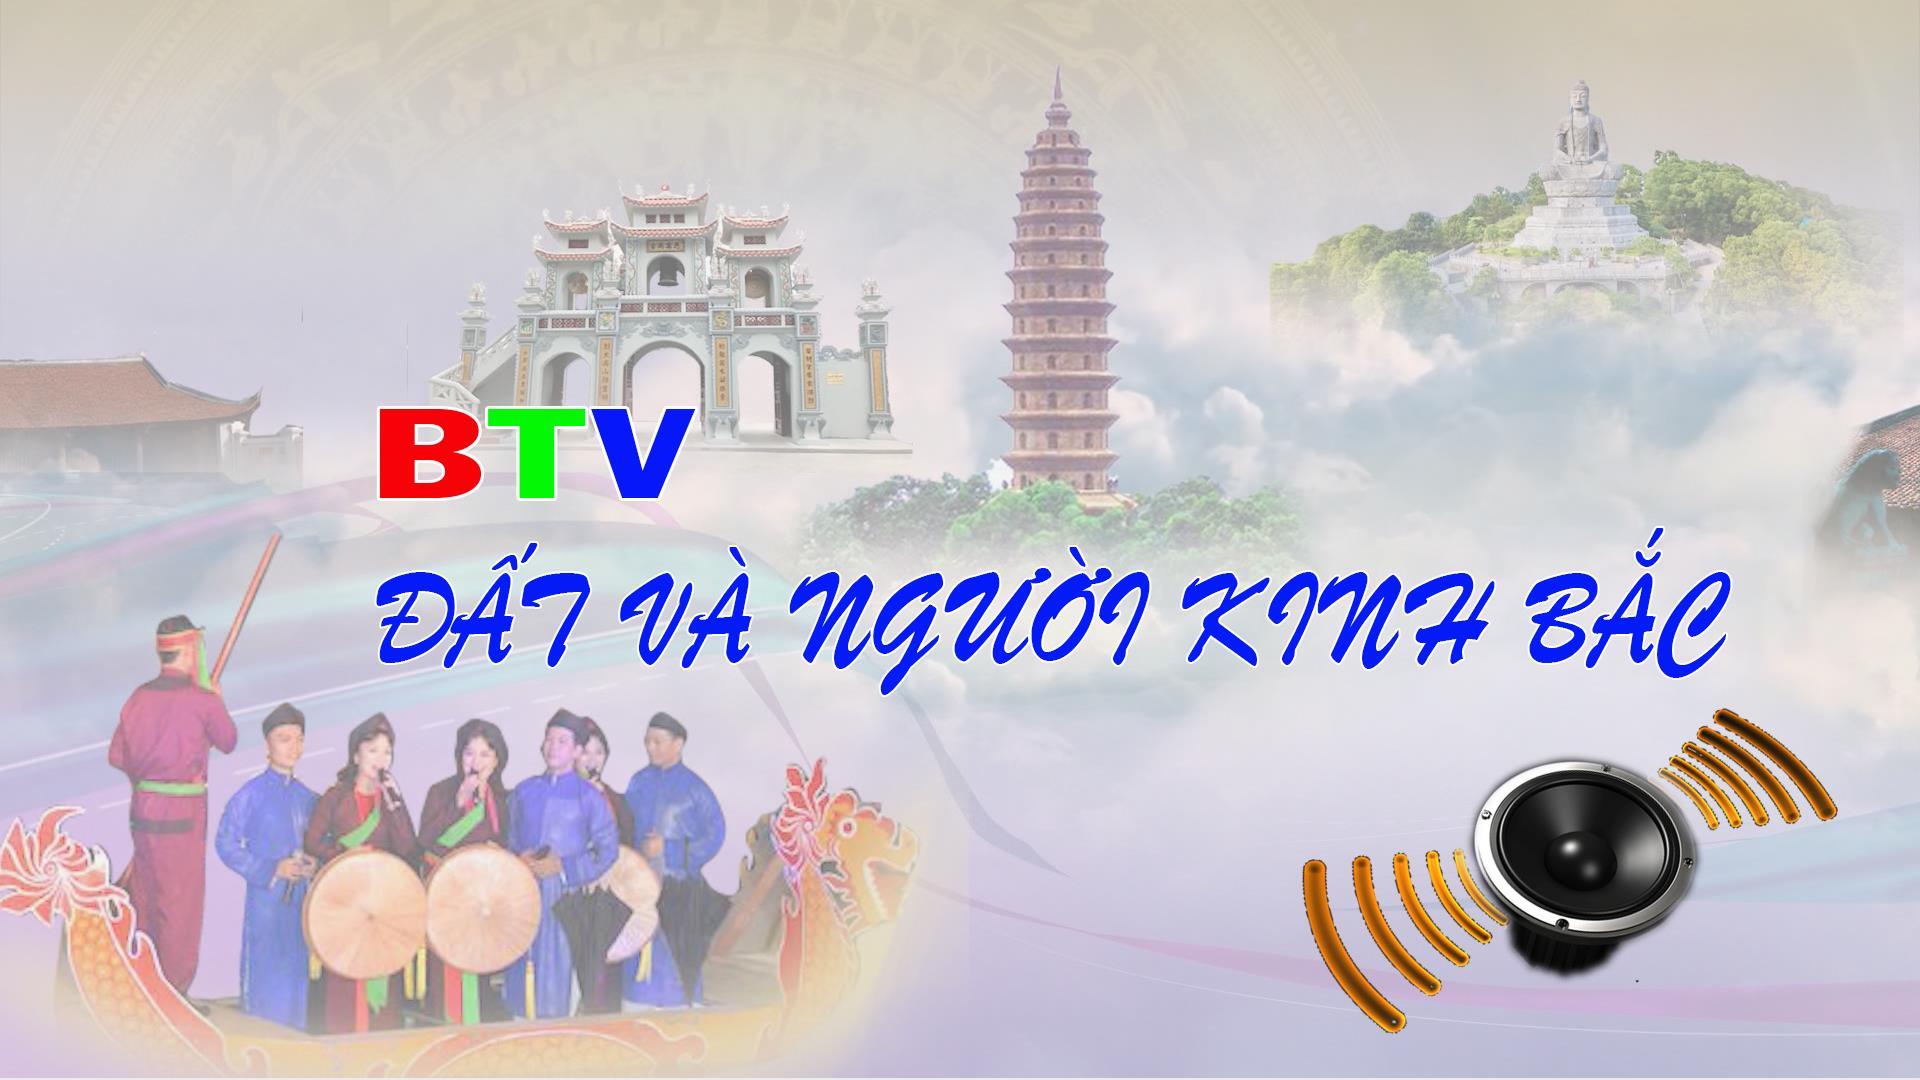 Đất và người Kinh bắc phát sóng ngày 30-9-2021